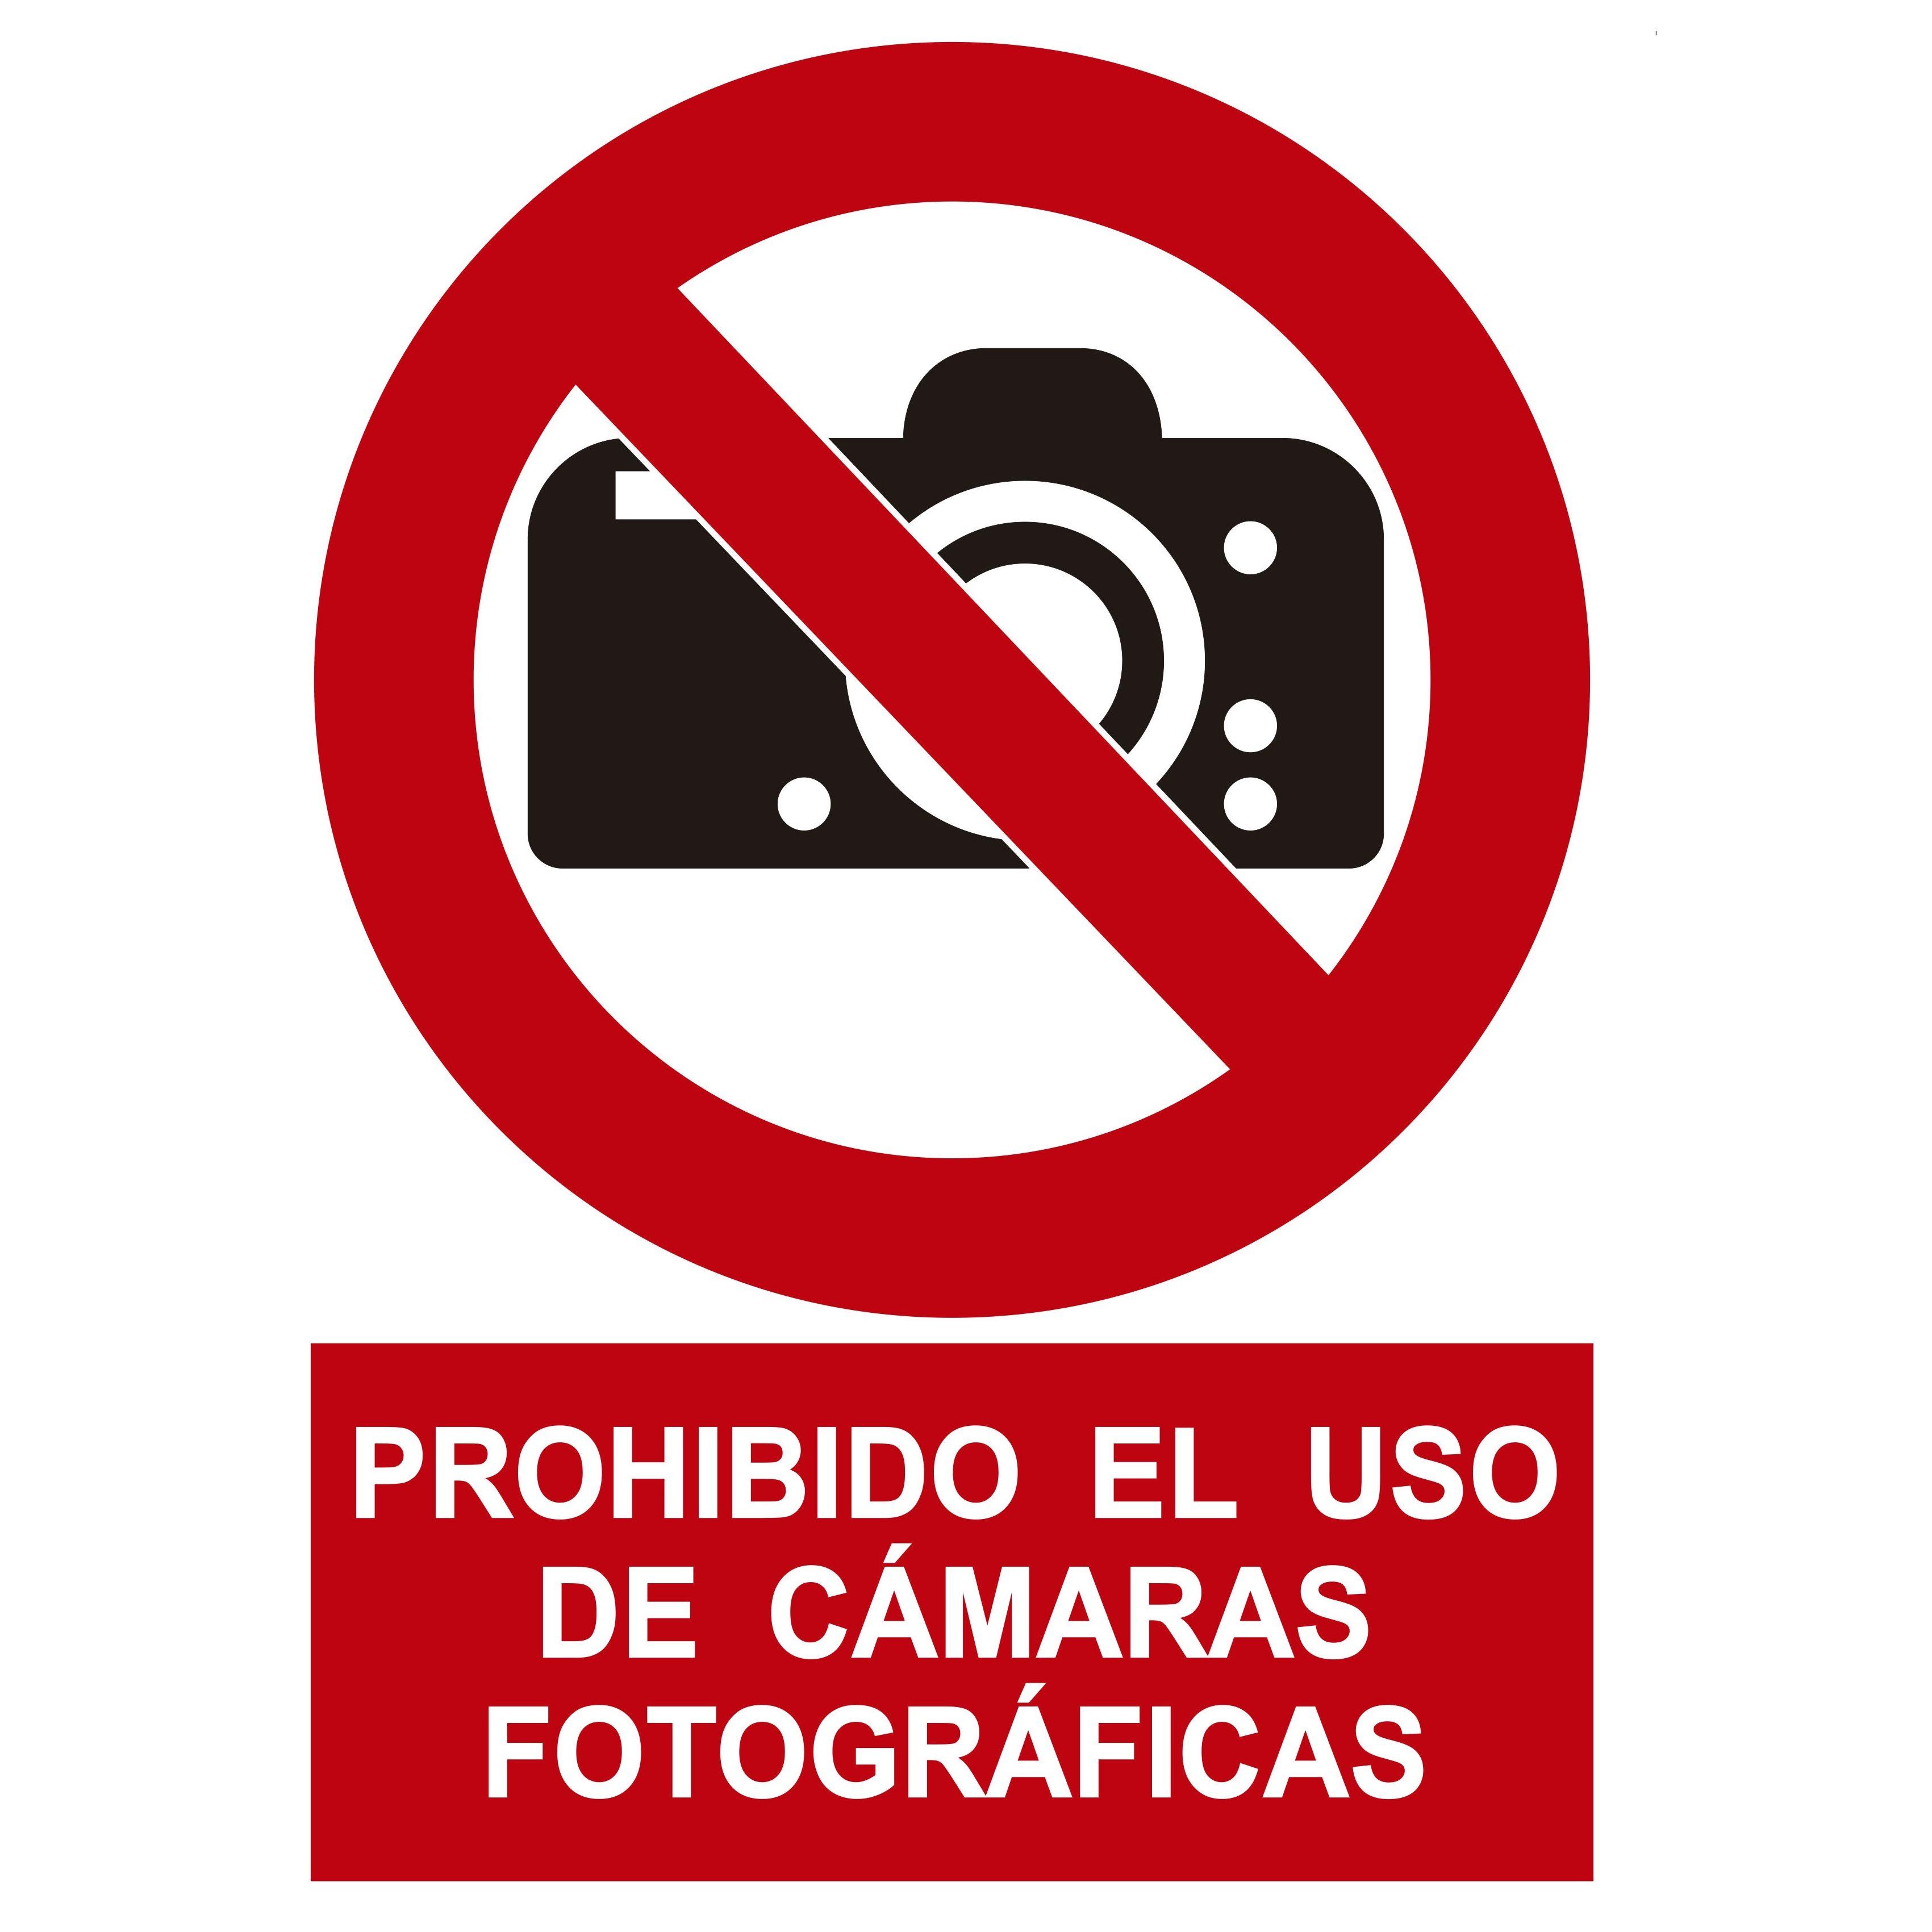 Señal PROHIBIDO EL USO DE CÁMARAS FOTOGRÁFICAS